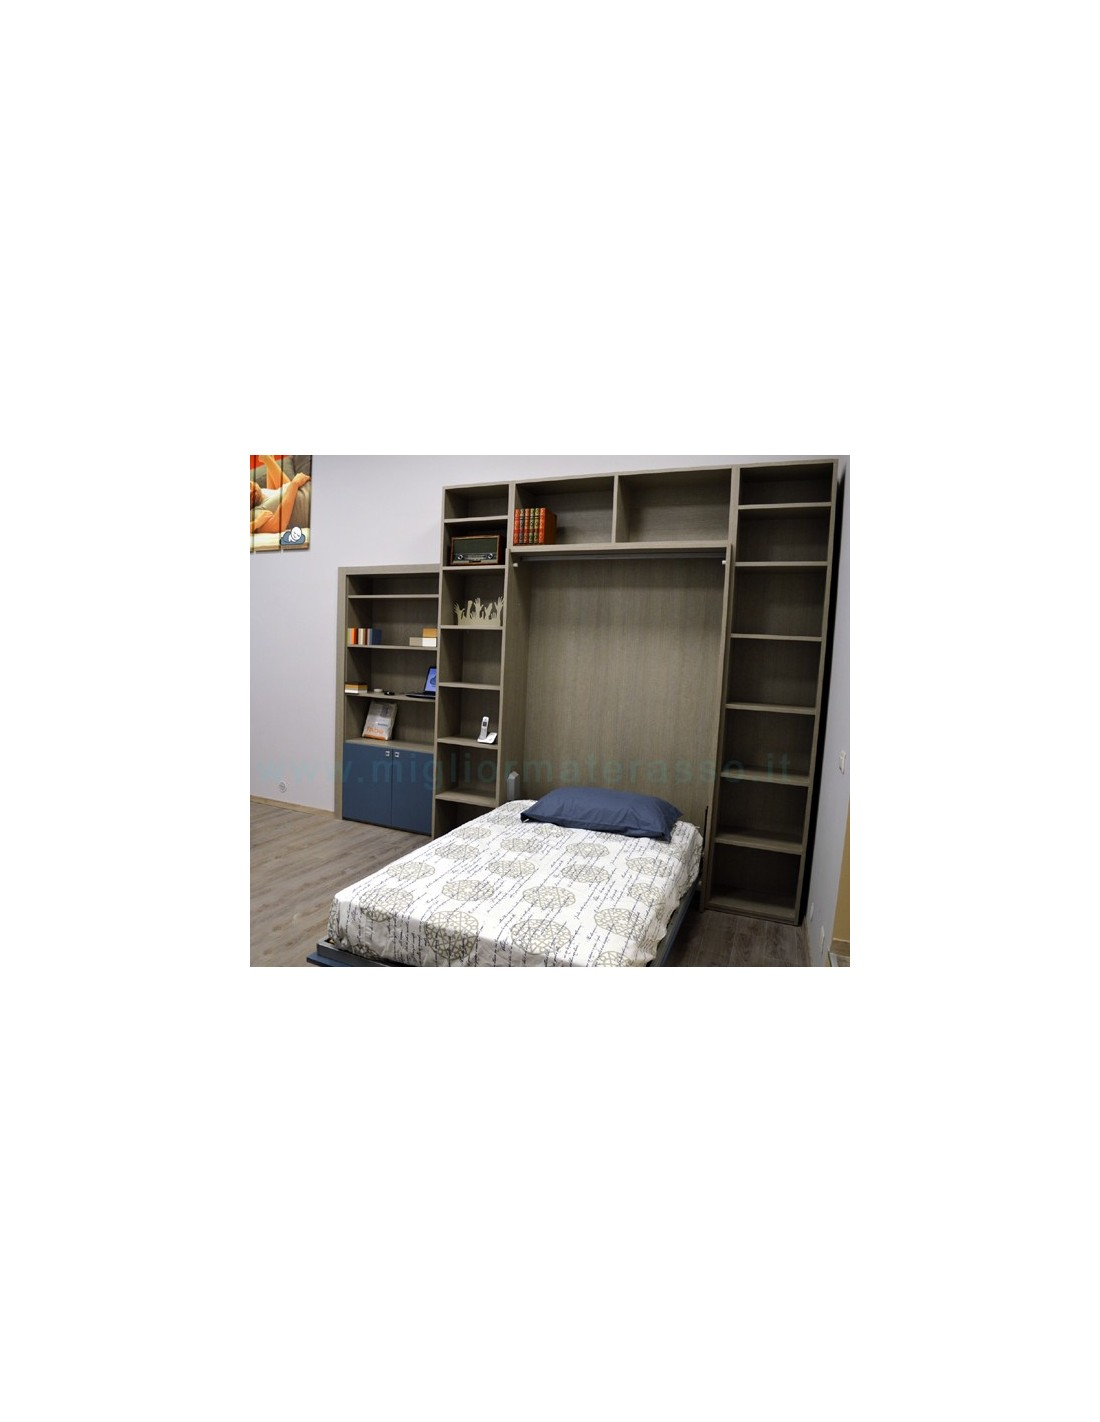 Letto a scomparsa mobile letto con prezzo in offerta in esposizione